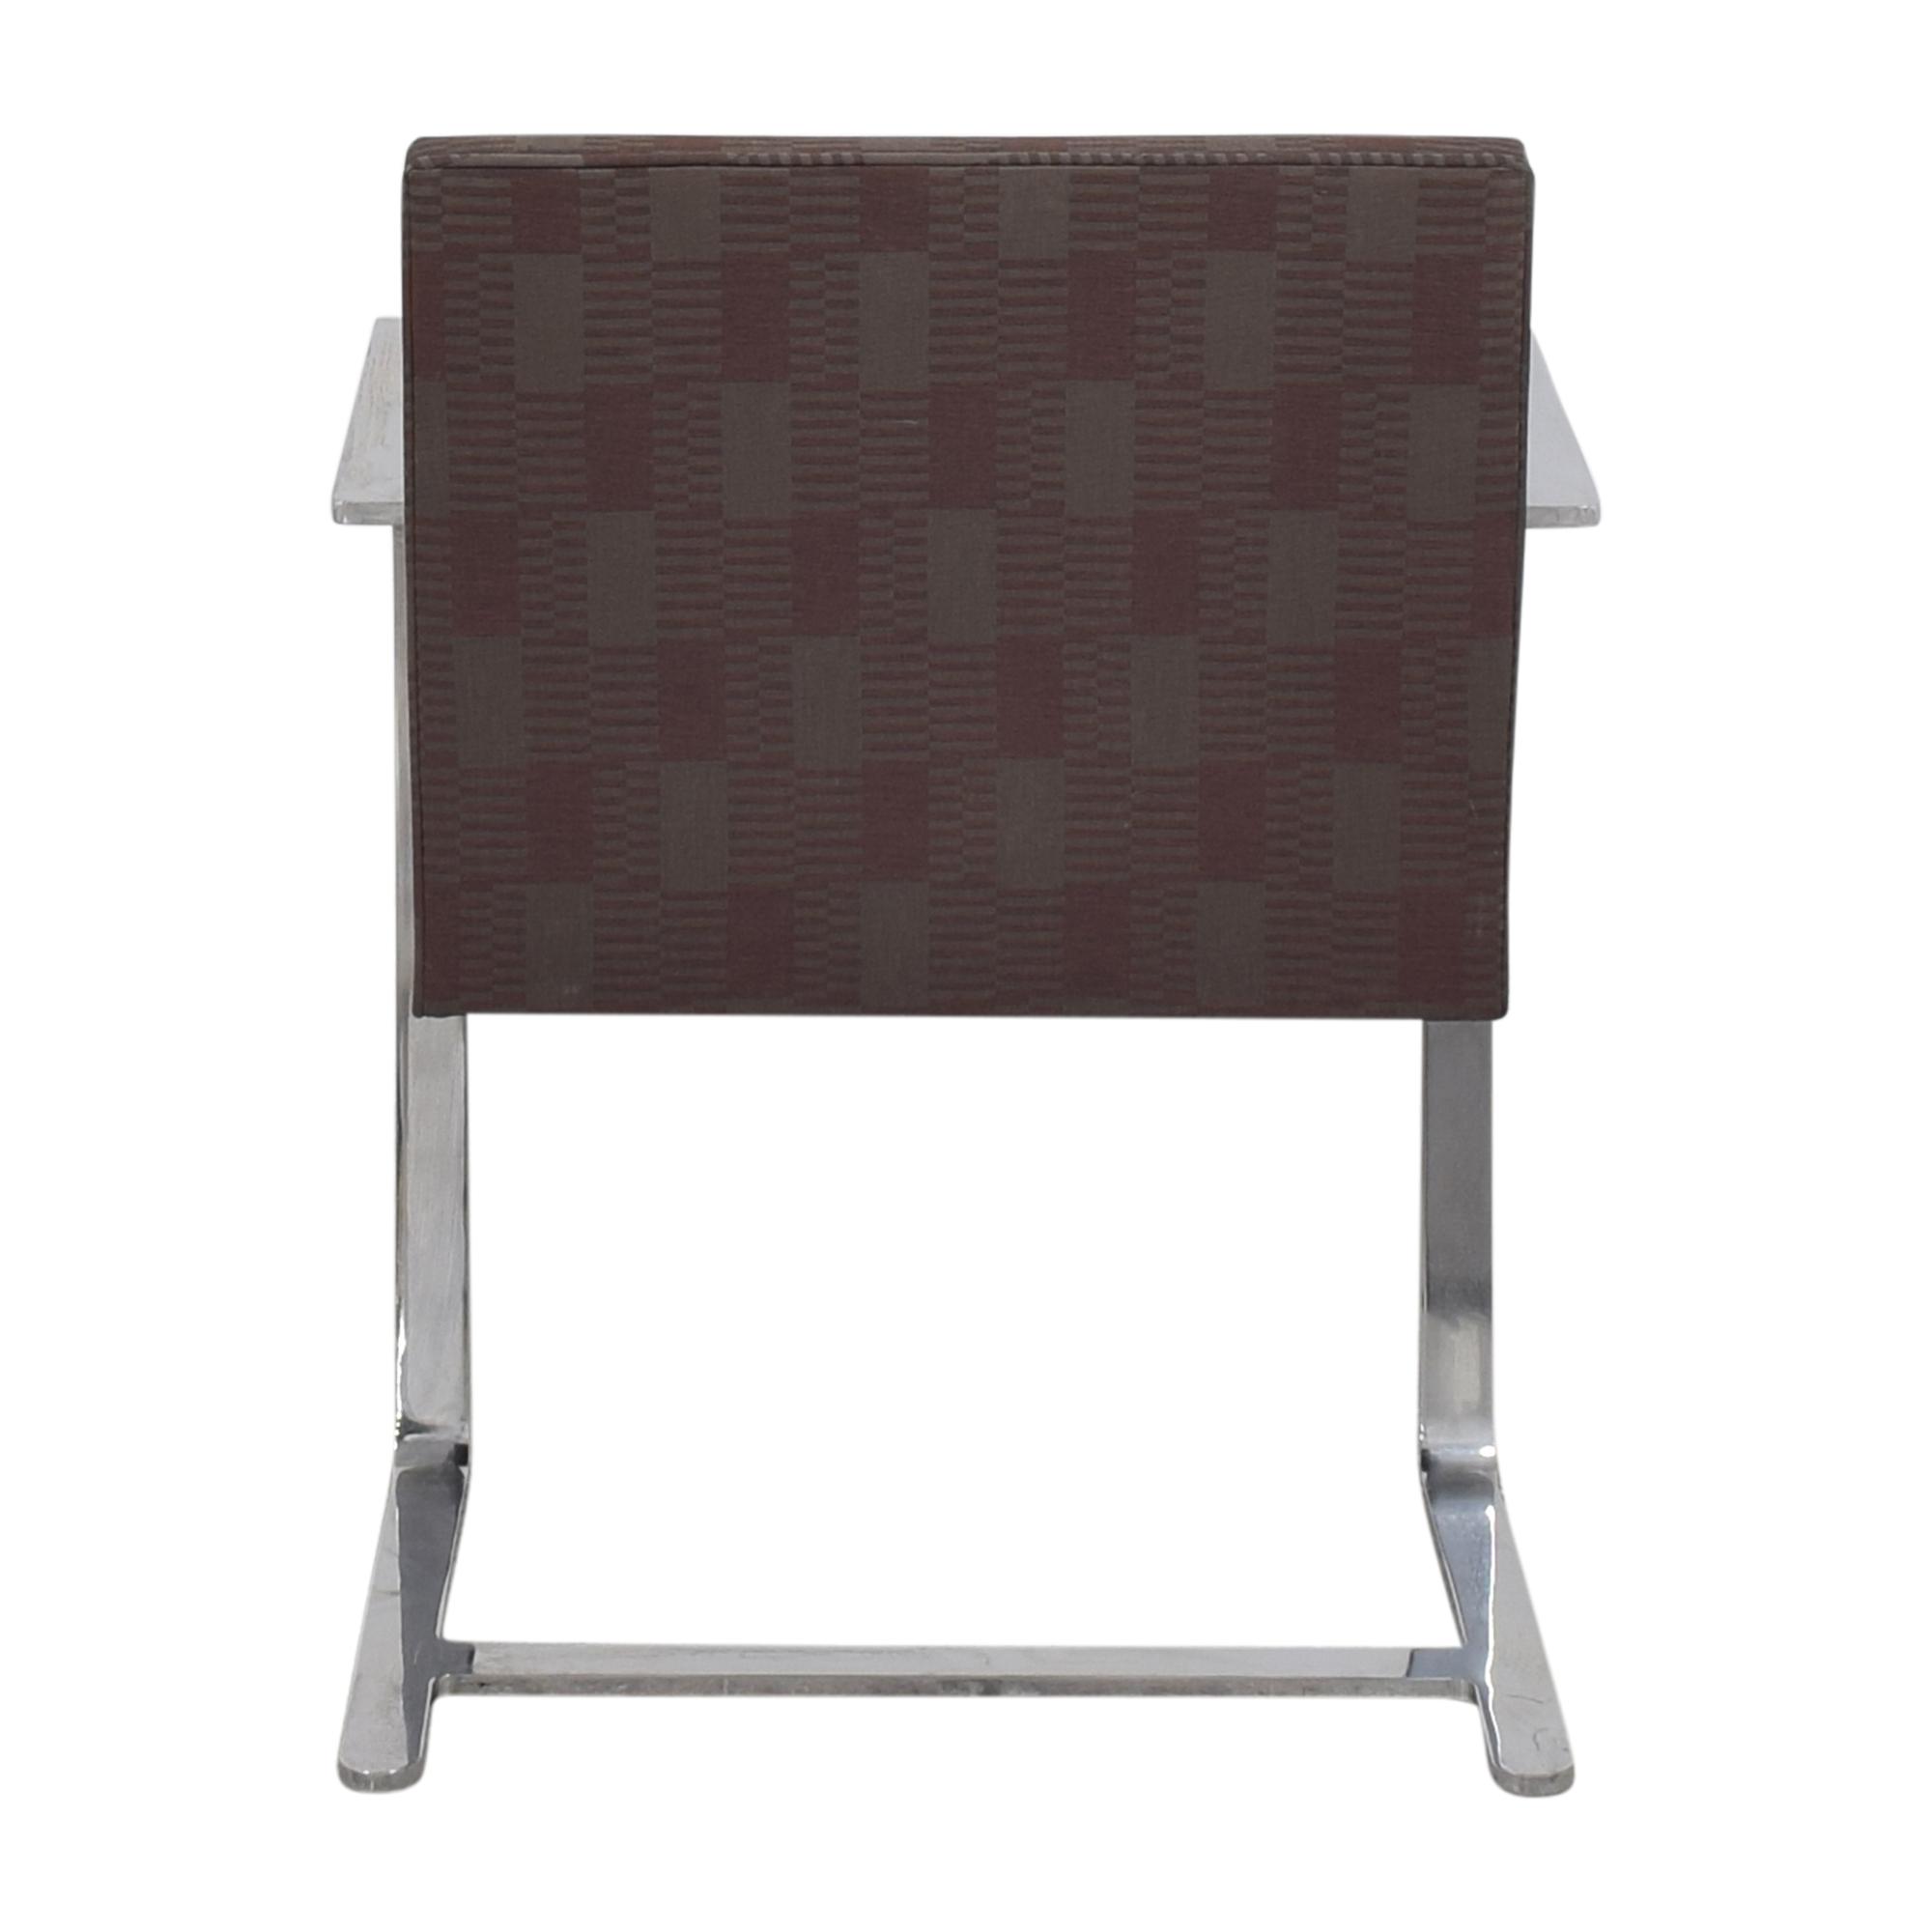 buy Flat Bar Brno-Style Chair